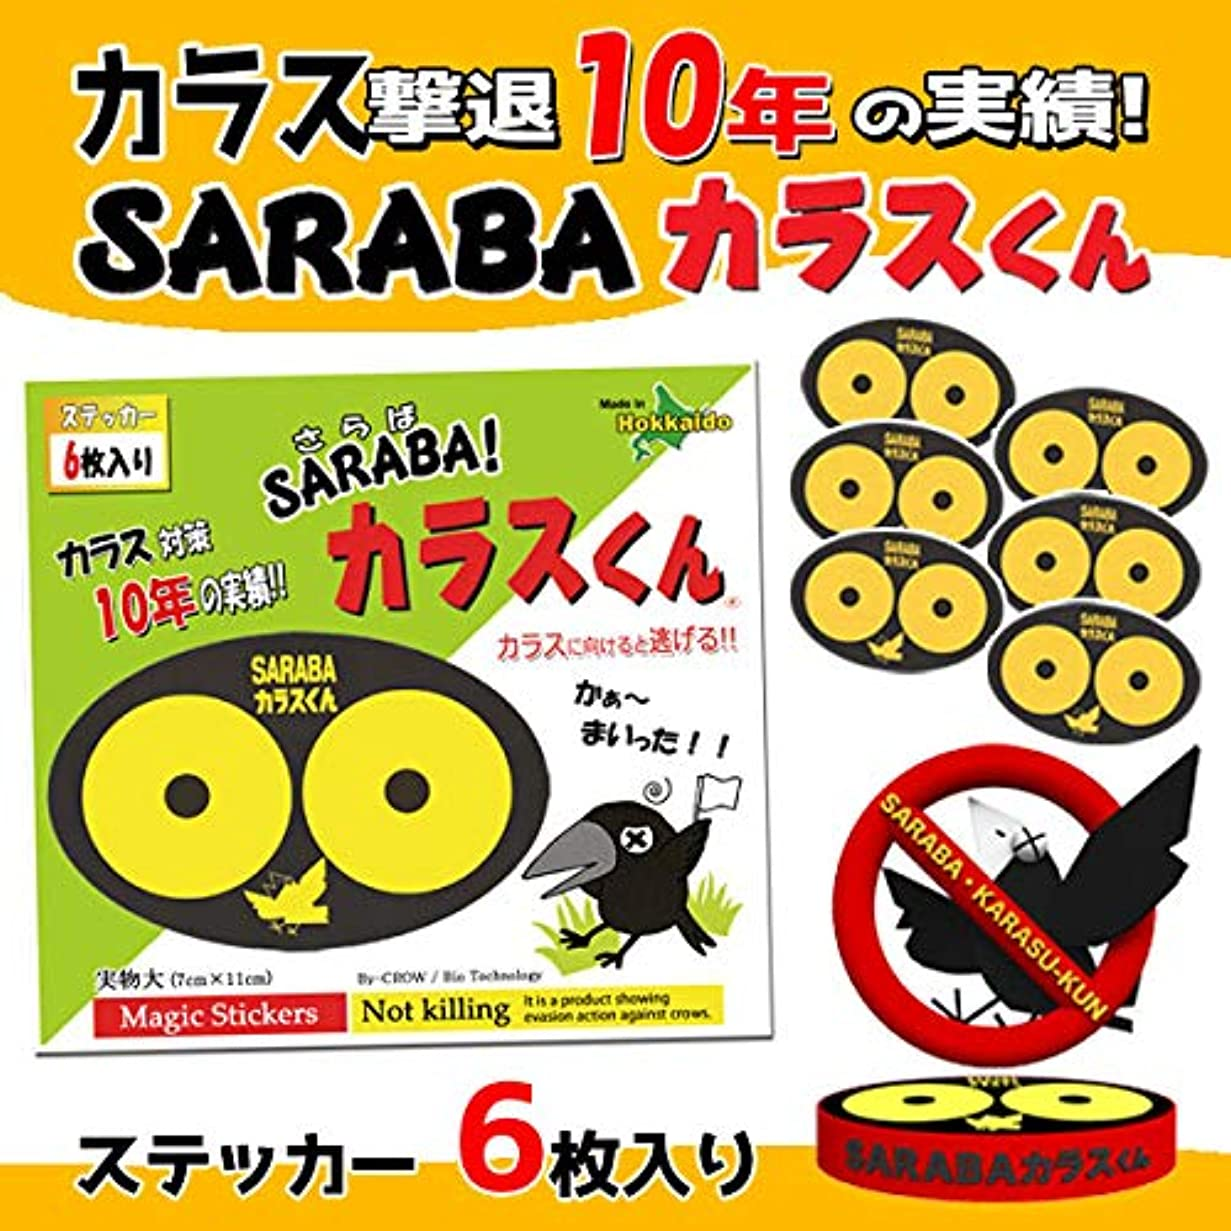 スキップ永続パンカラス対策グッズ「SARABAカラスくん」ステッカー6枚入り (カラス撃退/カラスよけ)